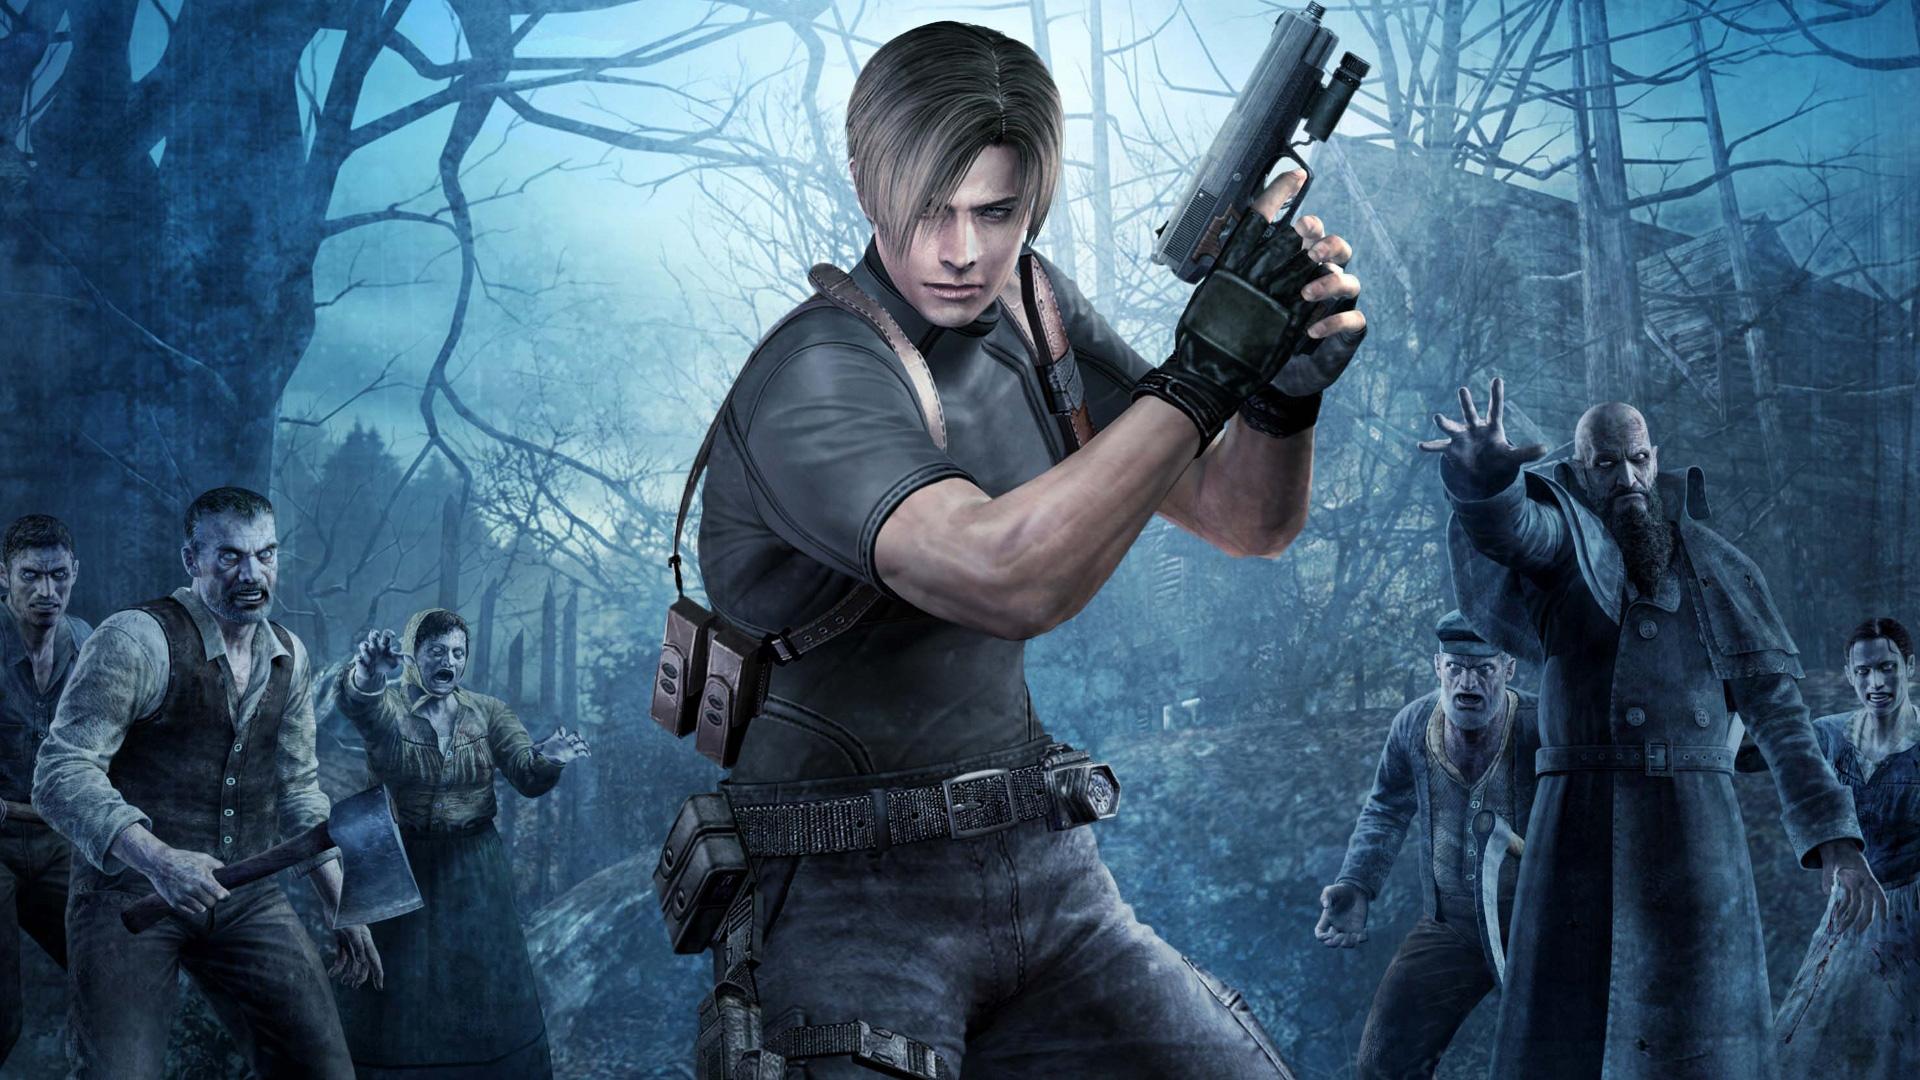 Free Resident Evil 4 Wallpaper in 1920x1080